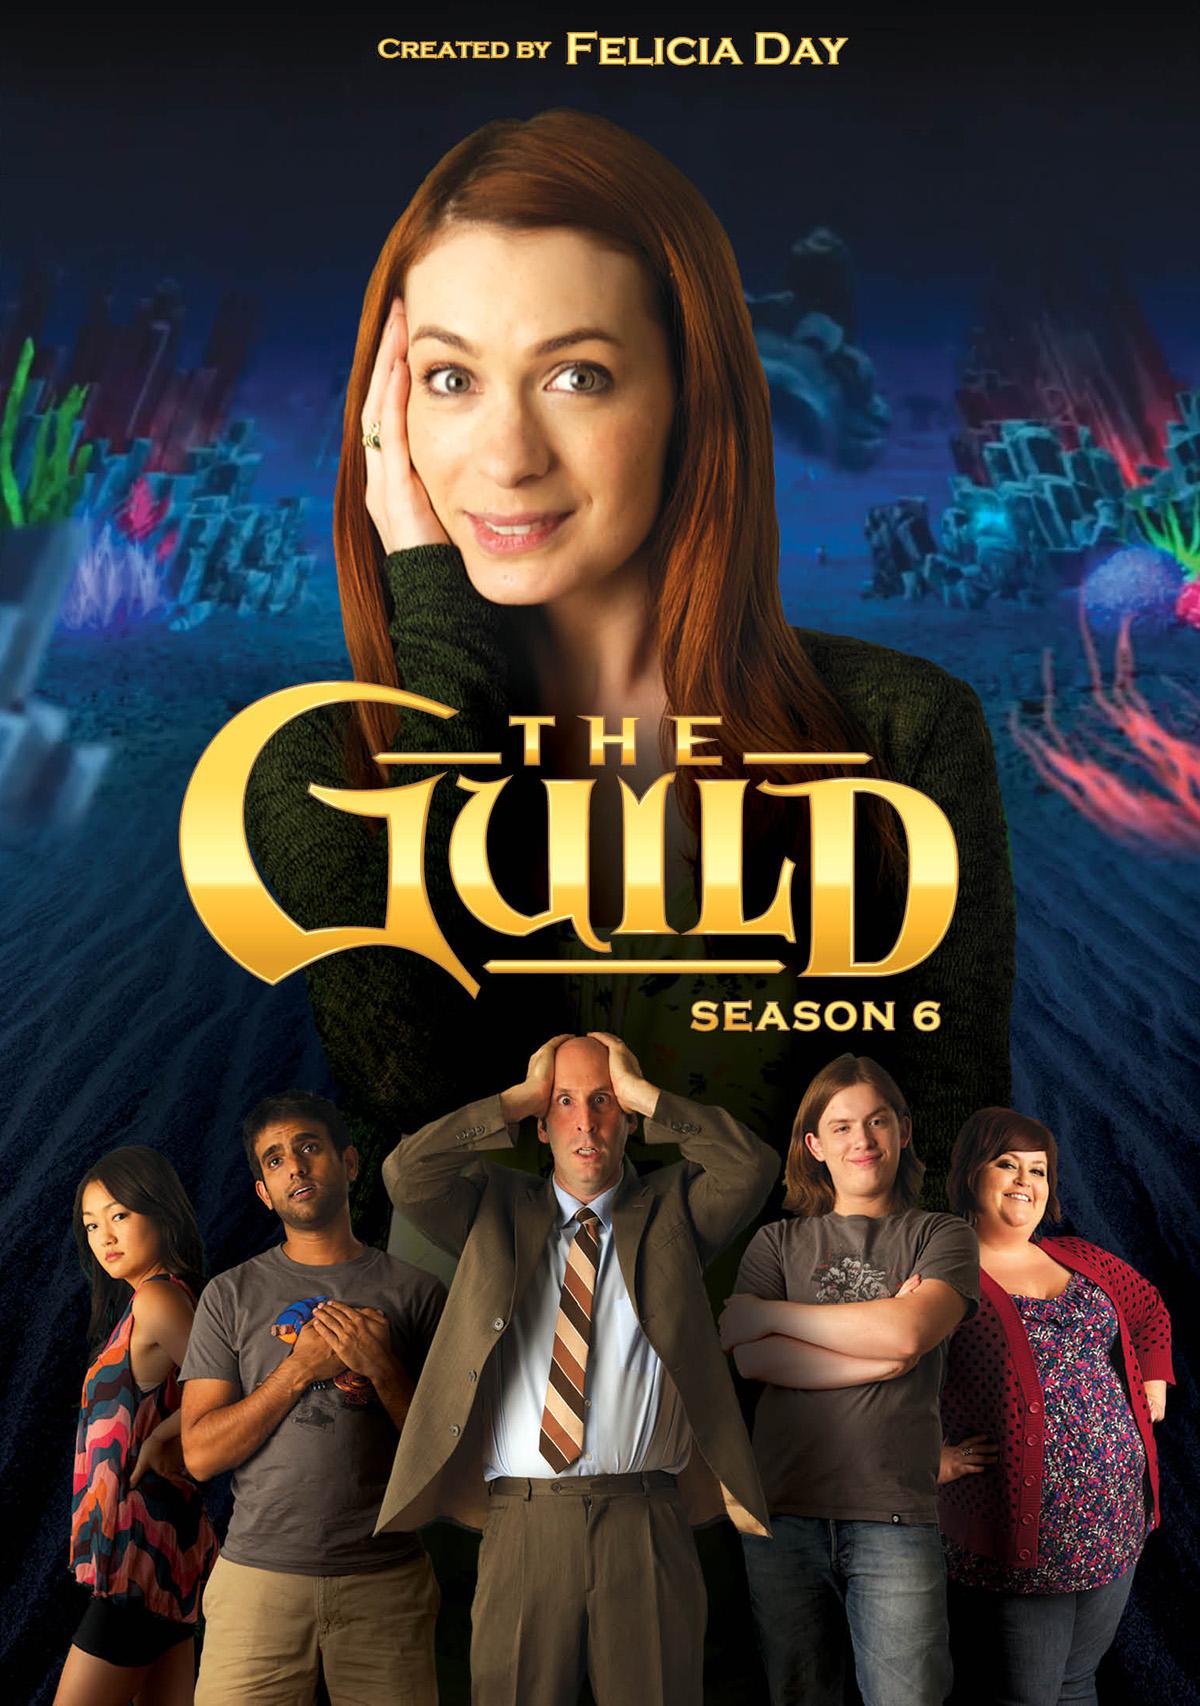 The Guild: Season 6